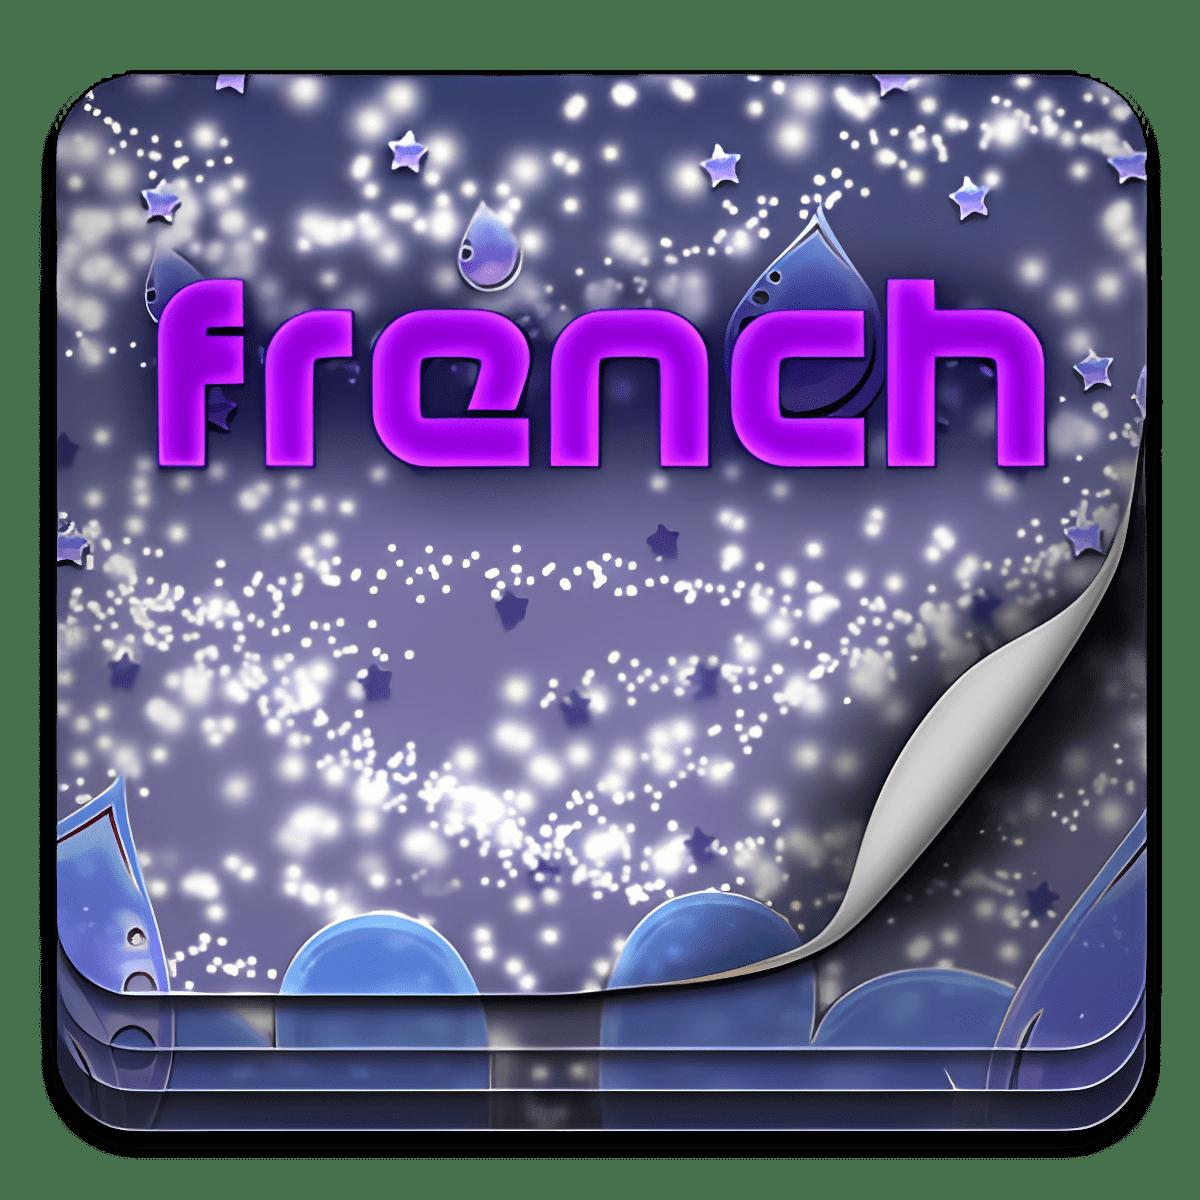 El tema del teclado francés